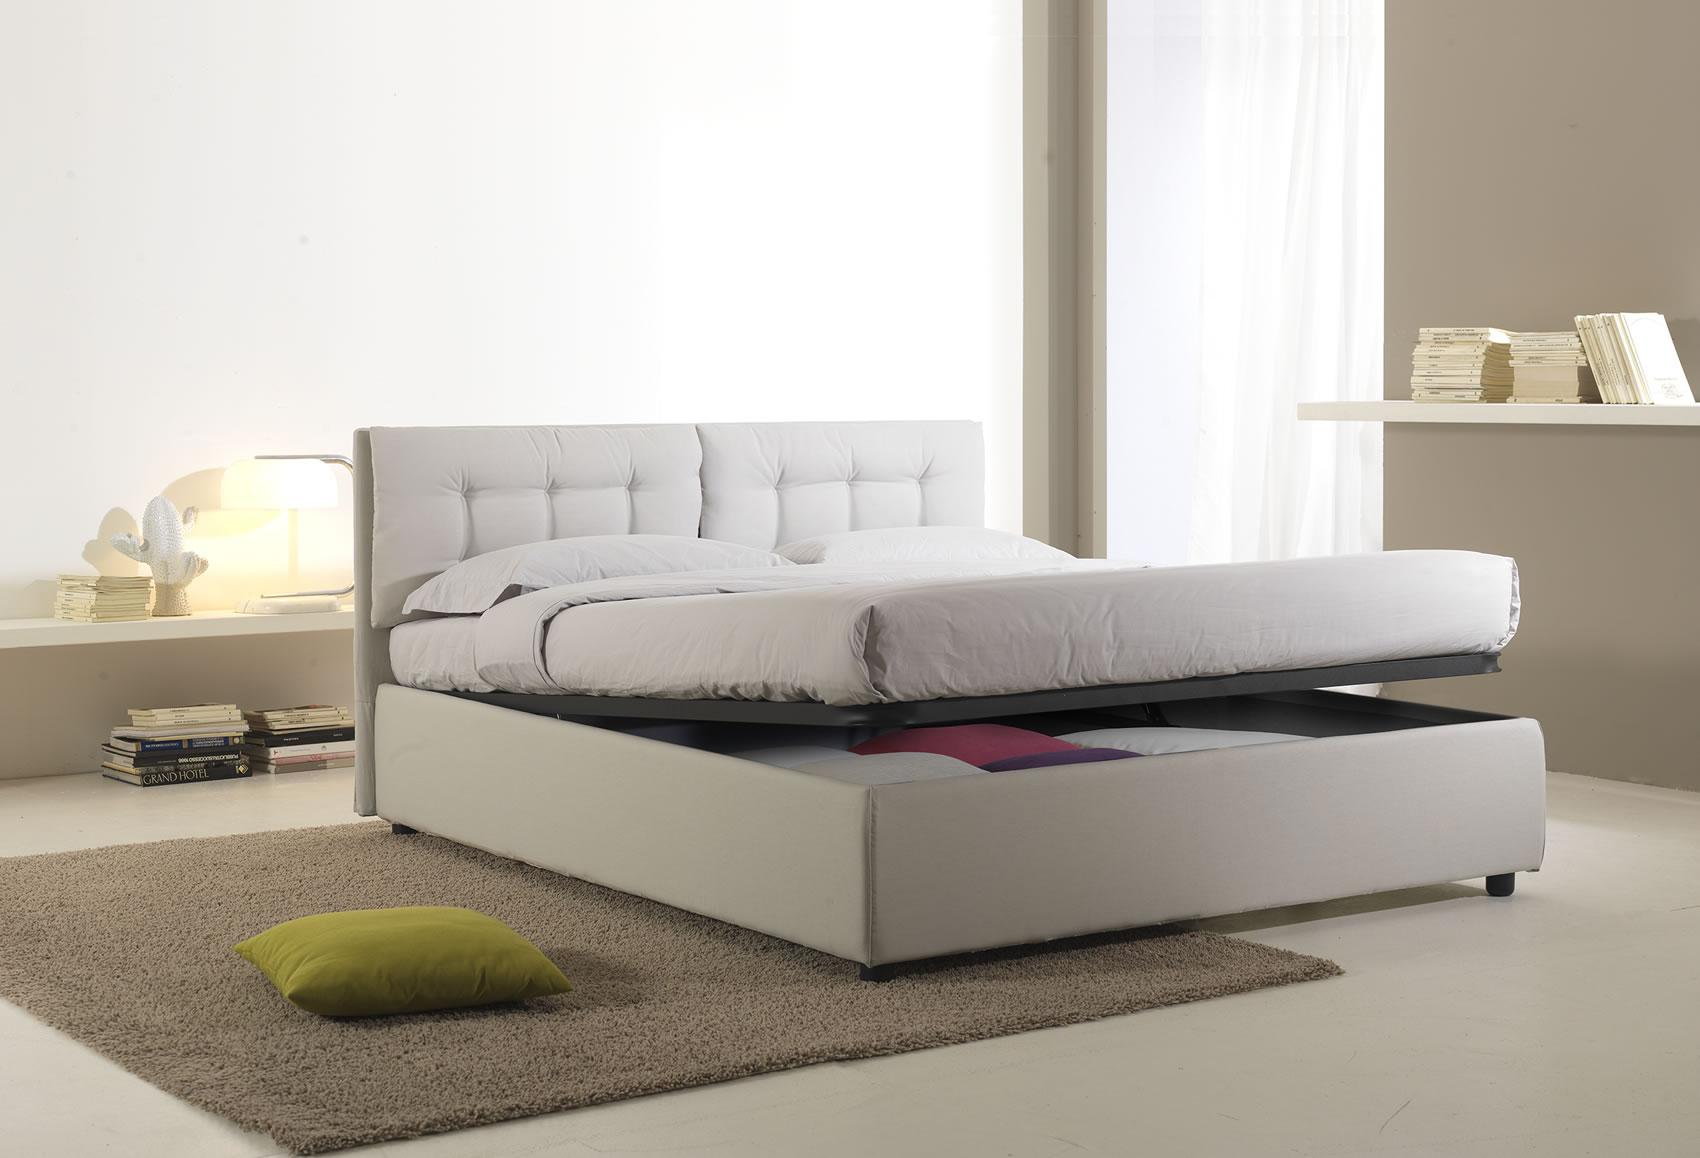 Ikea letti singoli con contenitore letti singoli ikea for Letti contenitore economici